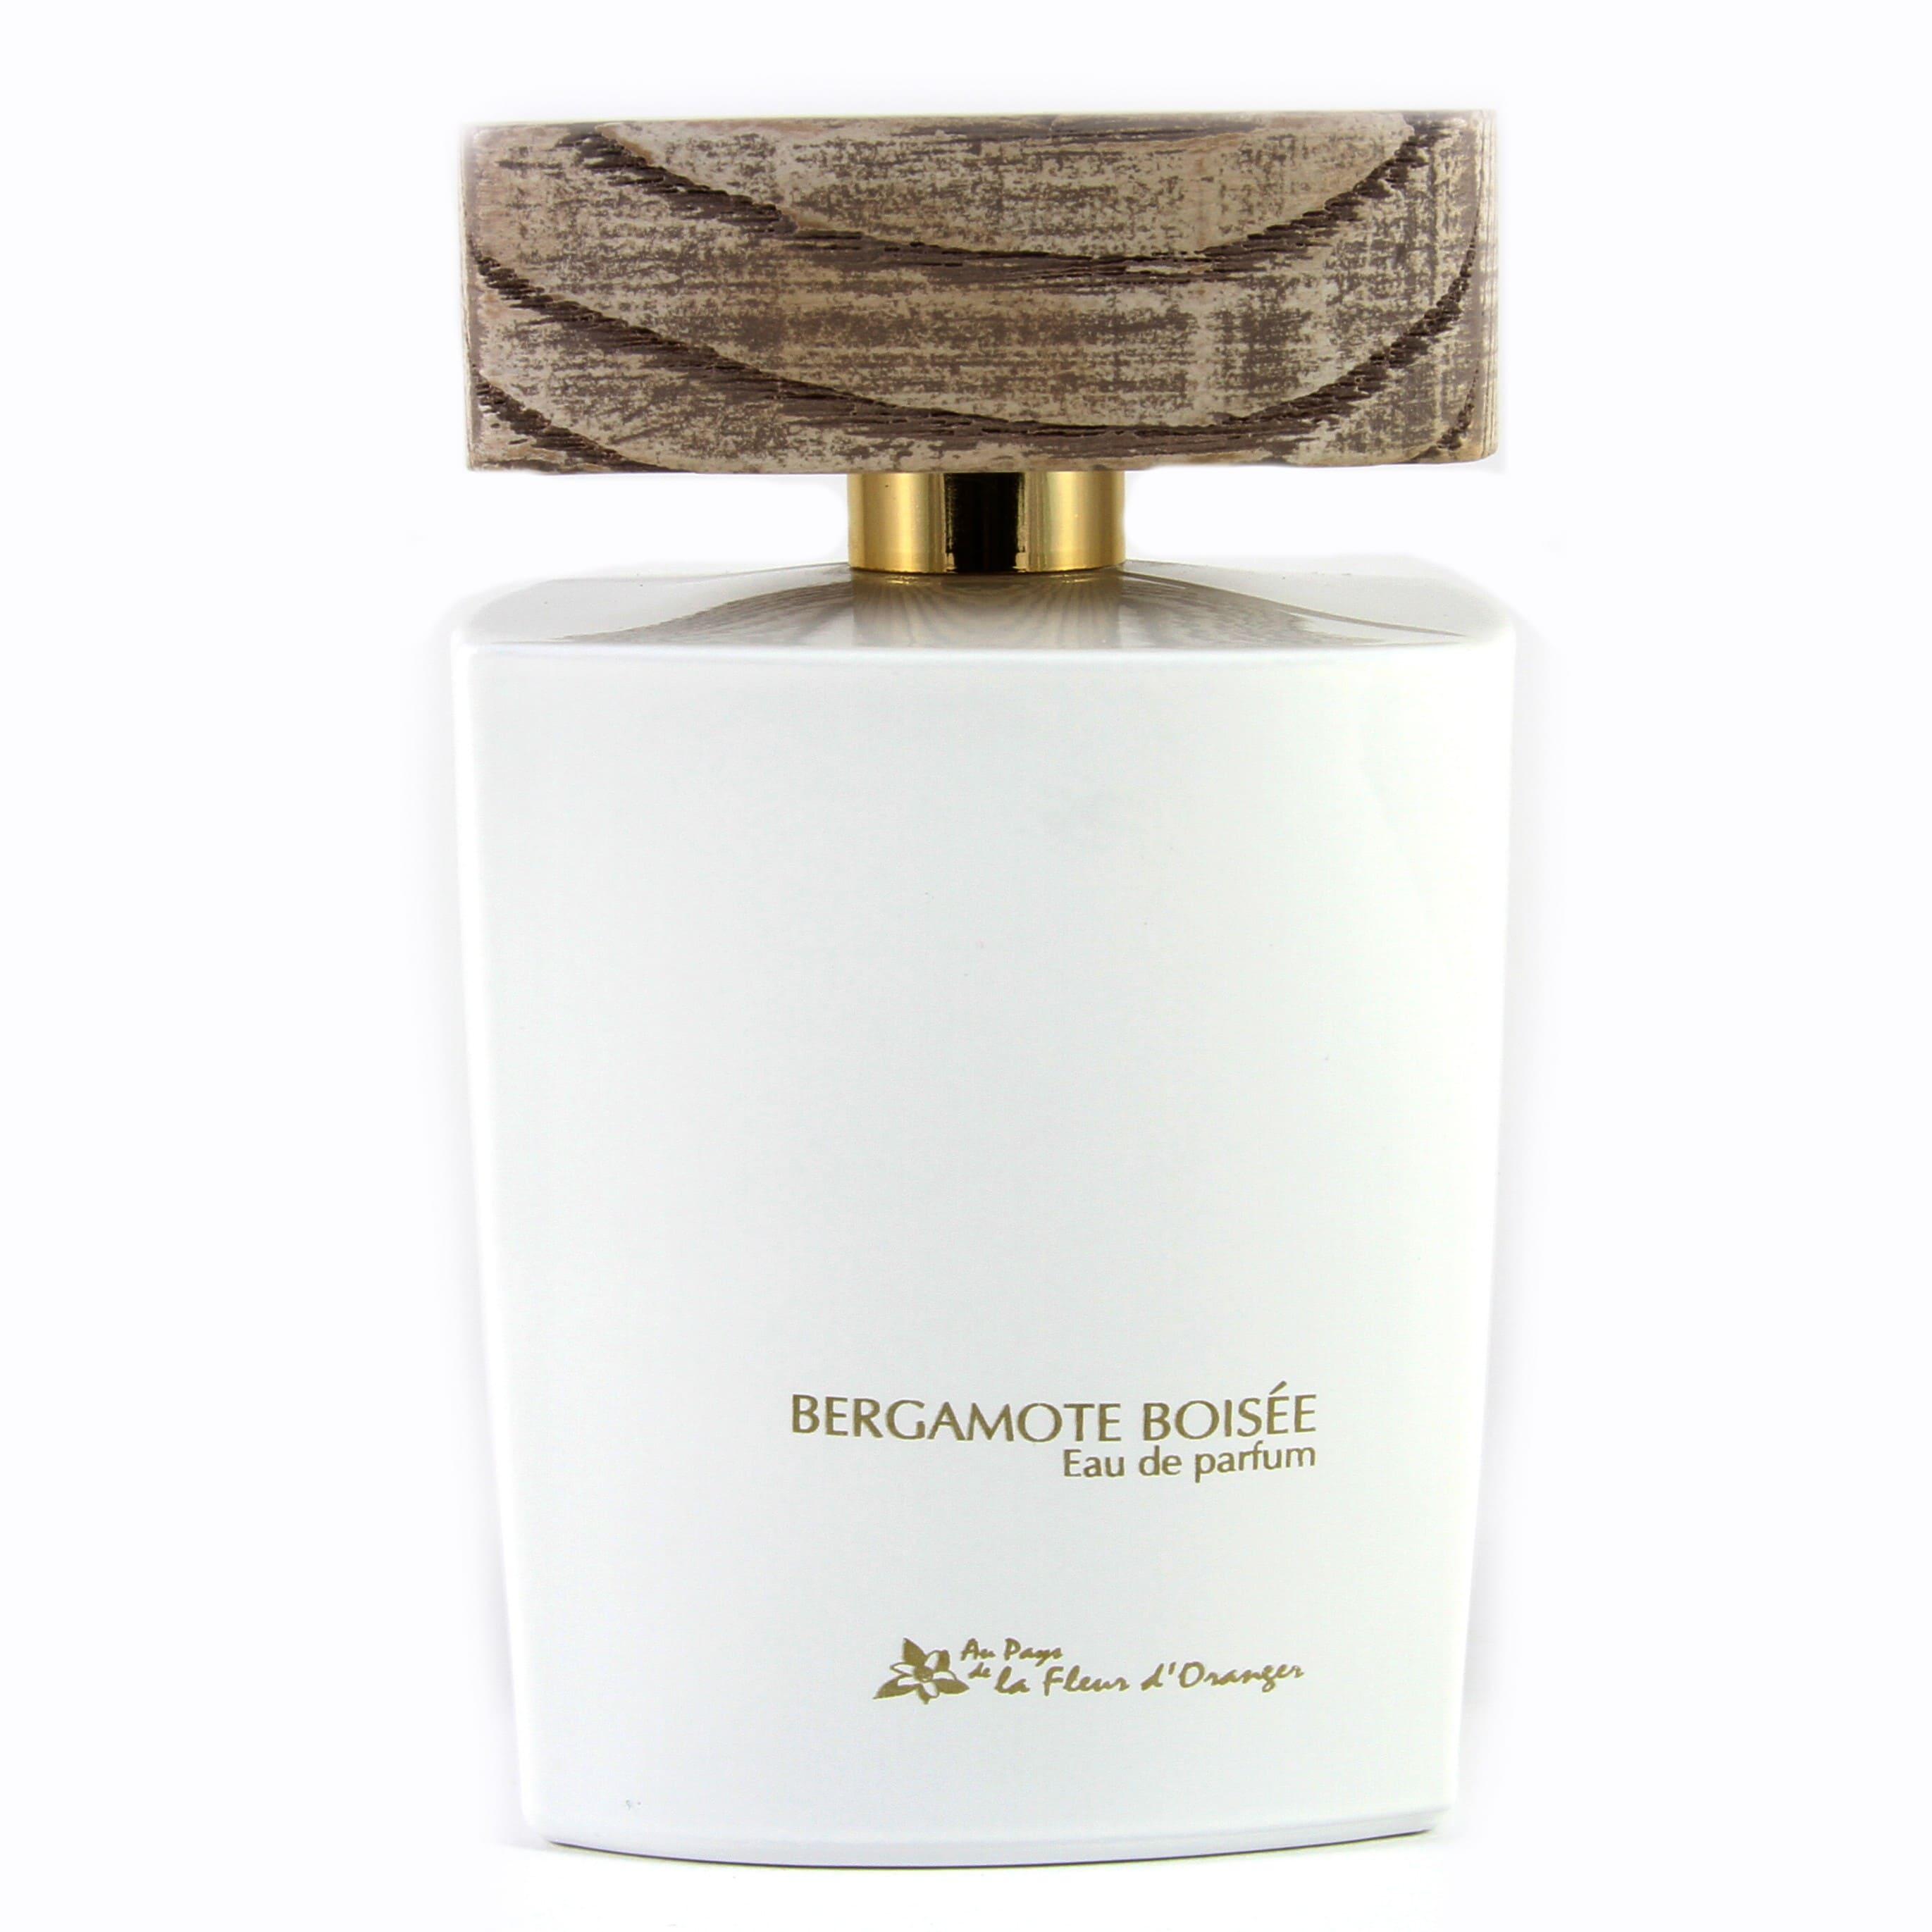 Bergamote Boisee